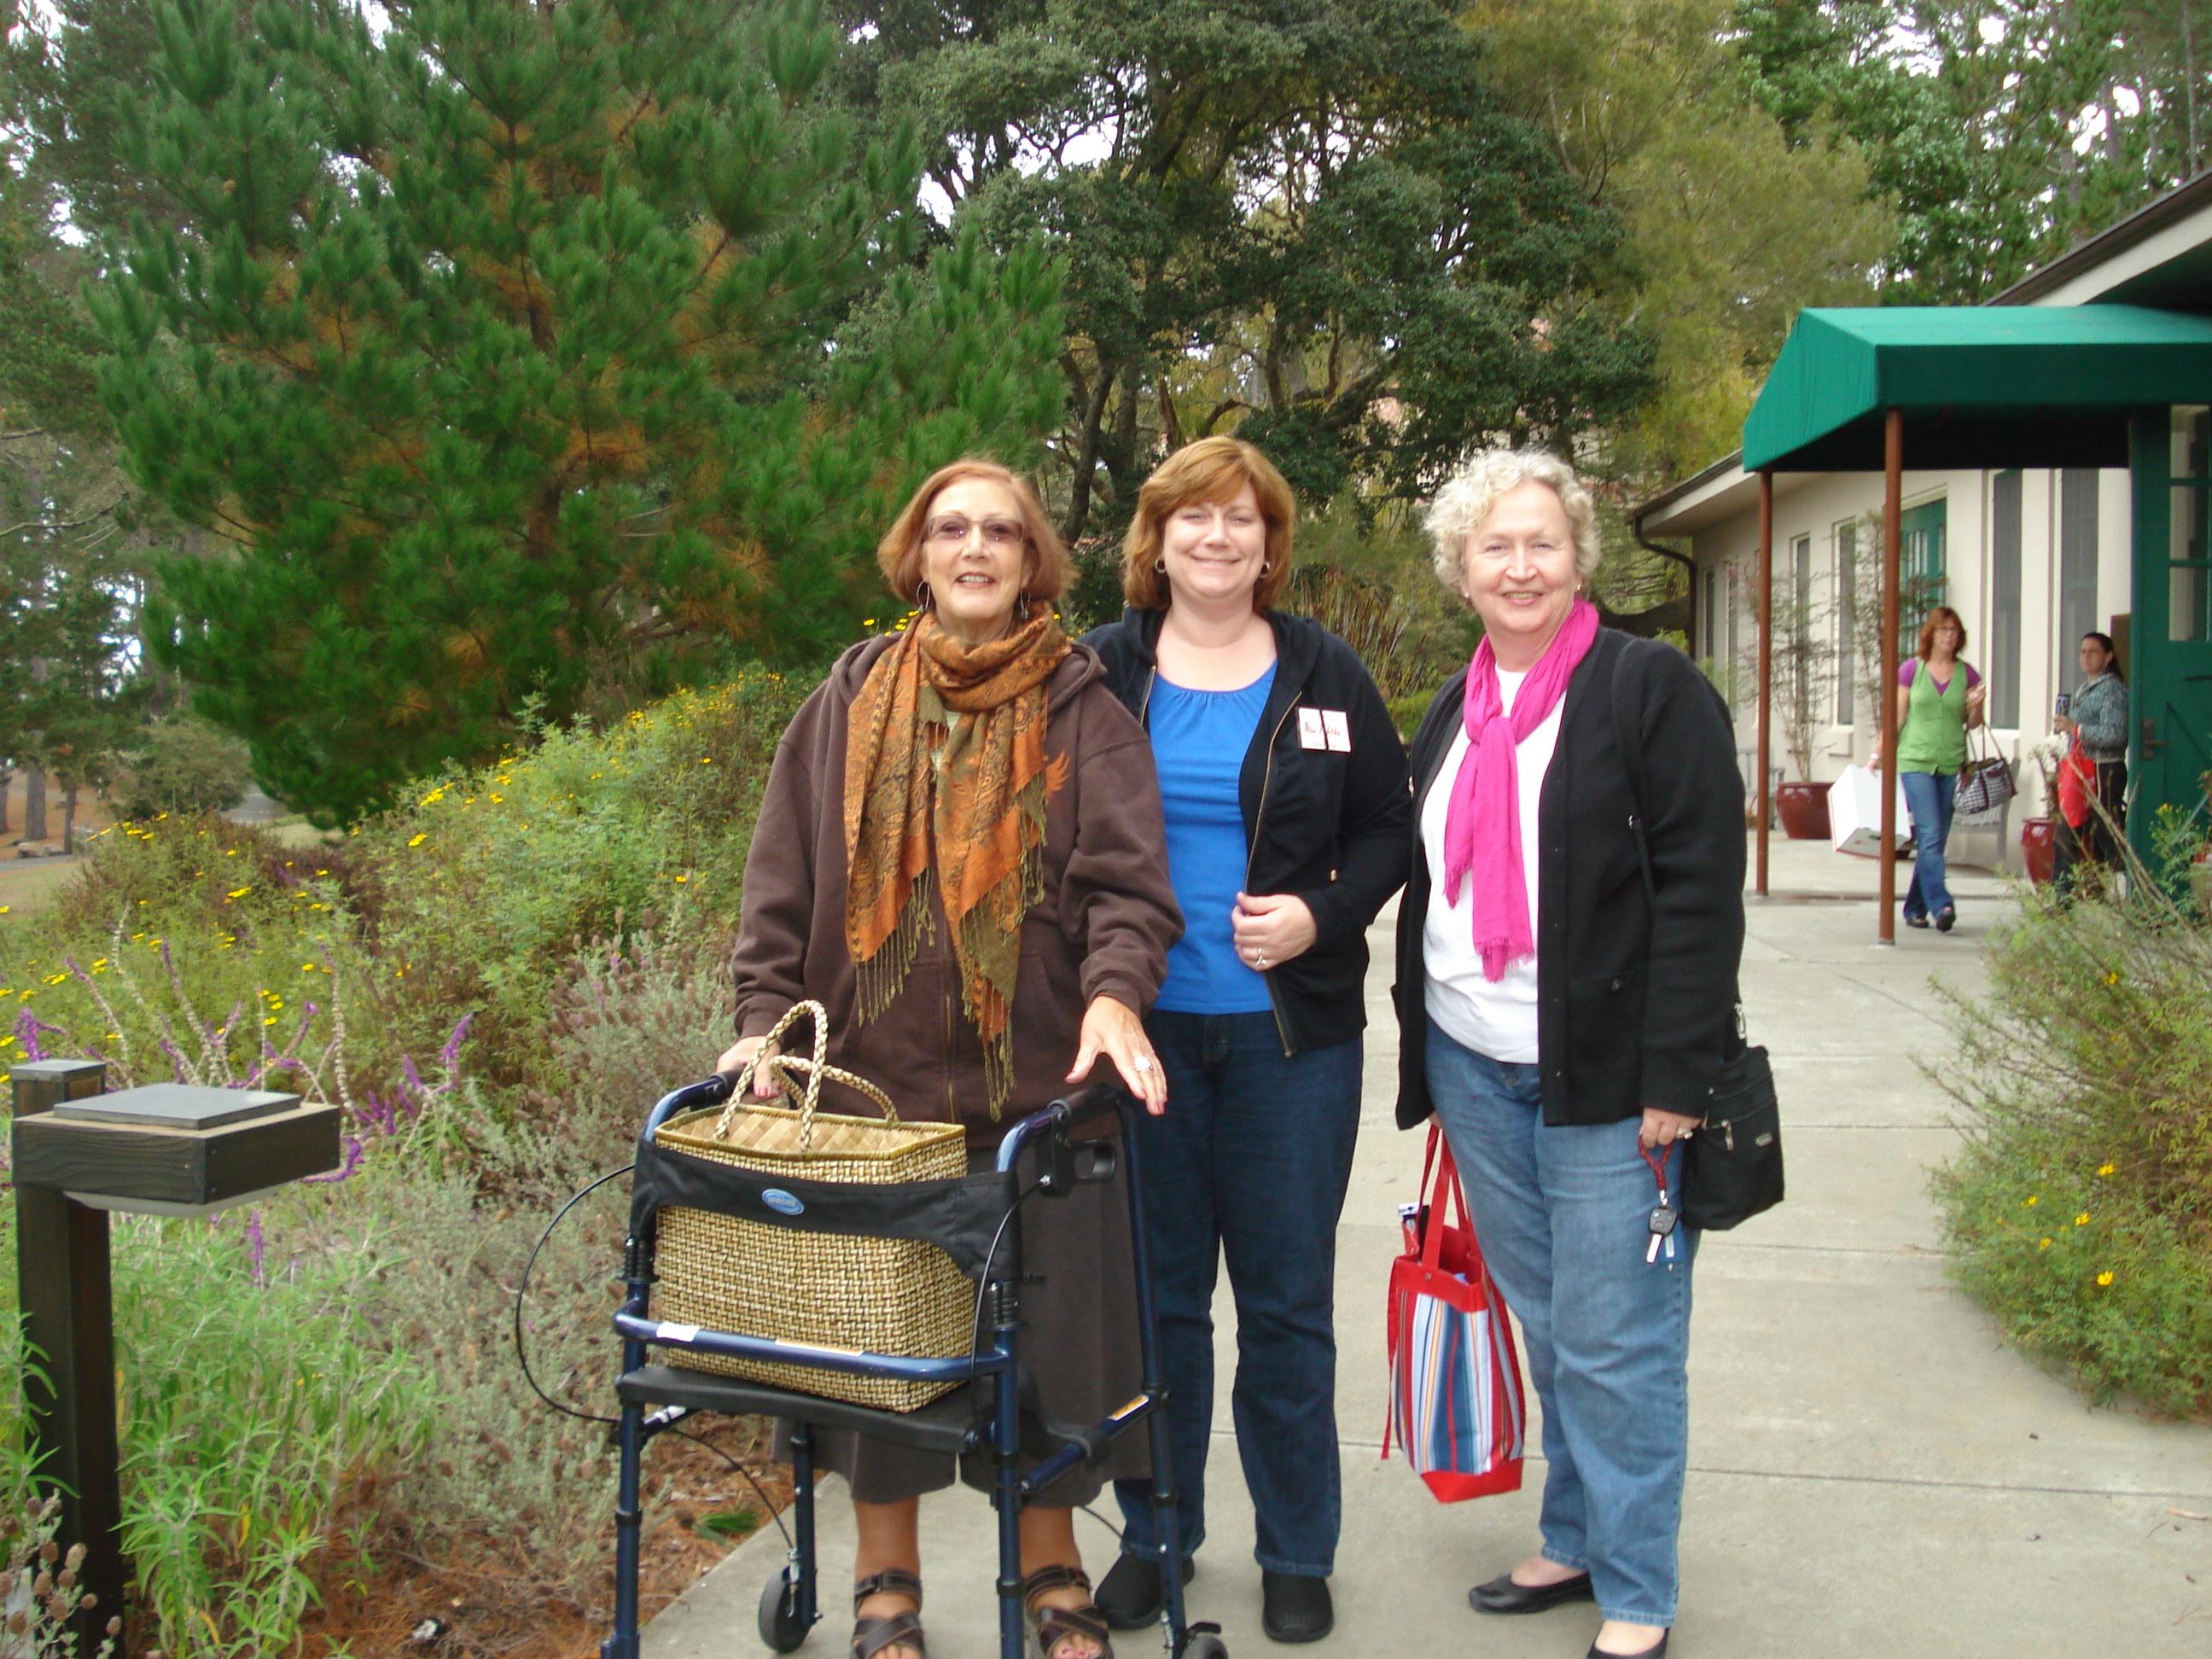 Sally, Tabitha and Betsy